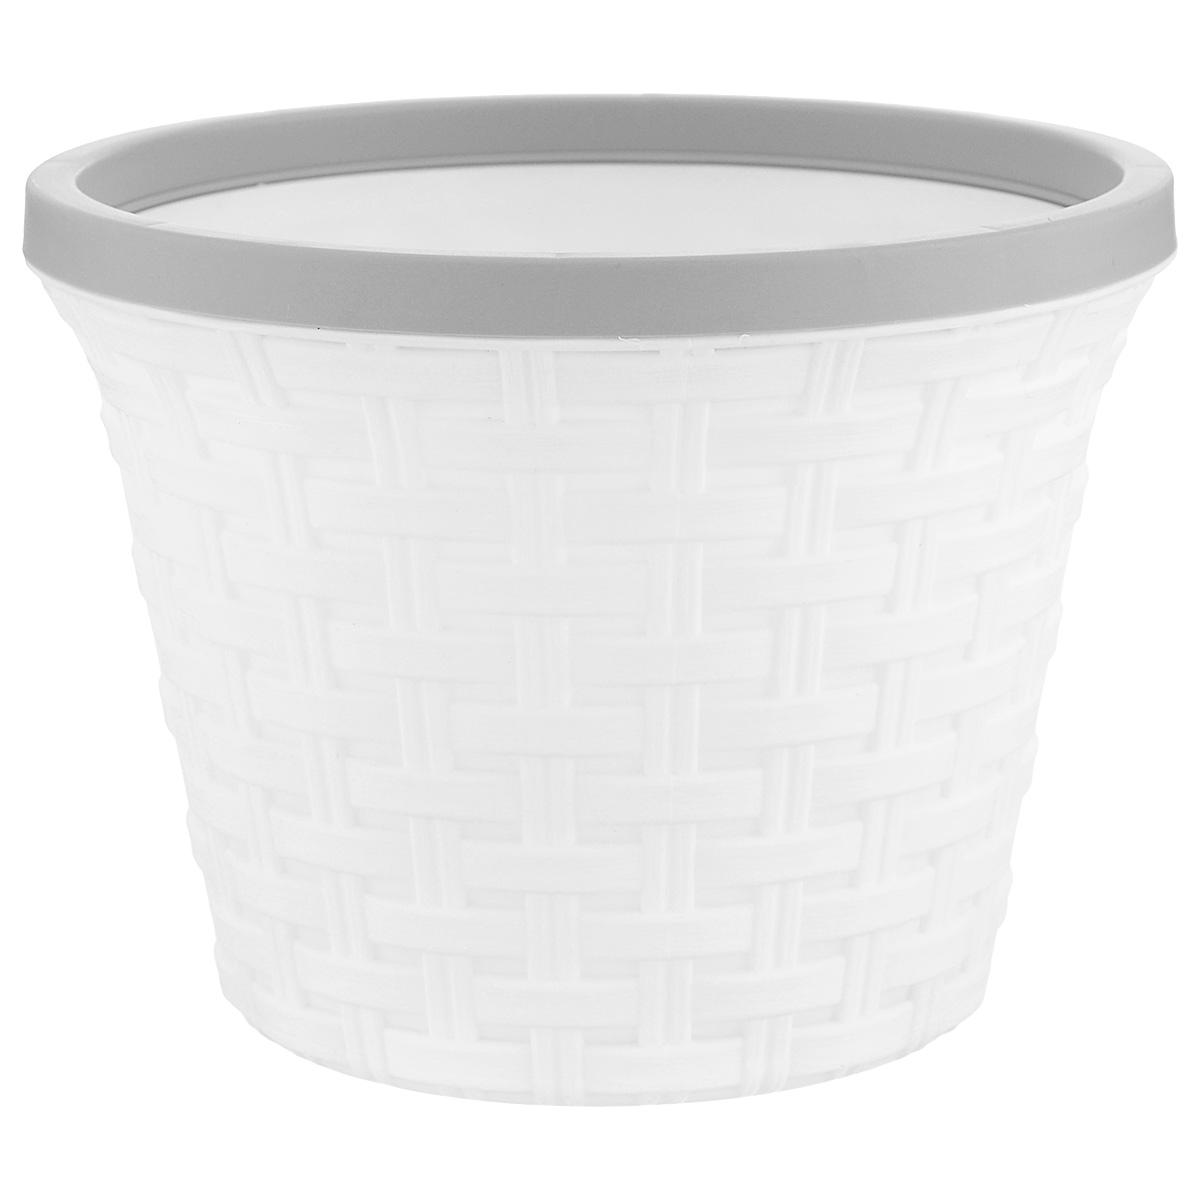 Кашпо Violet Ротанг, с дренажной системой, цвет: белый, 2,2 лKOC_SOL249_G4Кашпо Violet Ротанг изготовлено из высококачественного пластика и оснащено дренажной системой для быстрого отведения избытка воды при поливе. Изделие прекрасно подходит для выращивания растений и цветов в домашних условиях. Лаконичный дизайн впишется в интерьер любого помещения.Объем: 2,2 л.